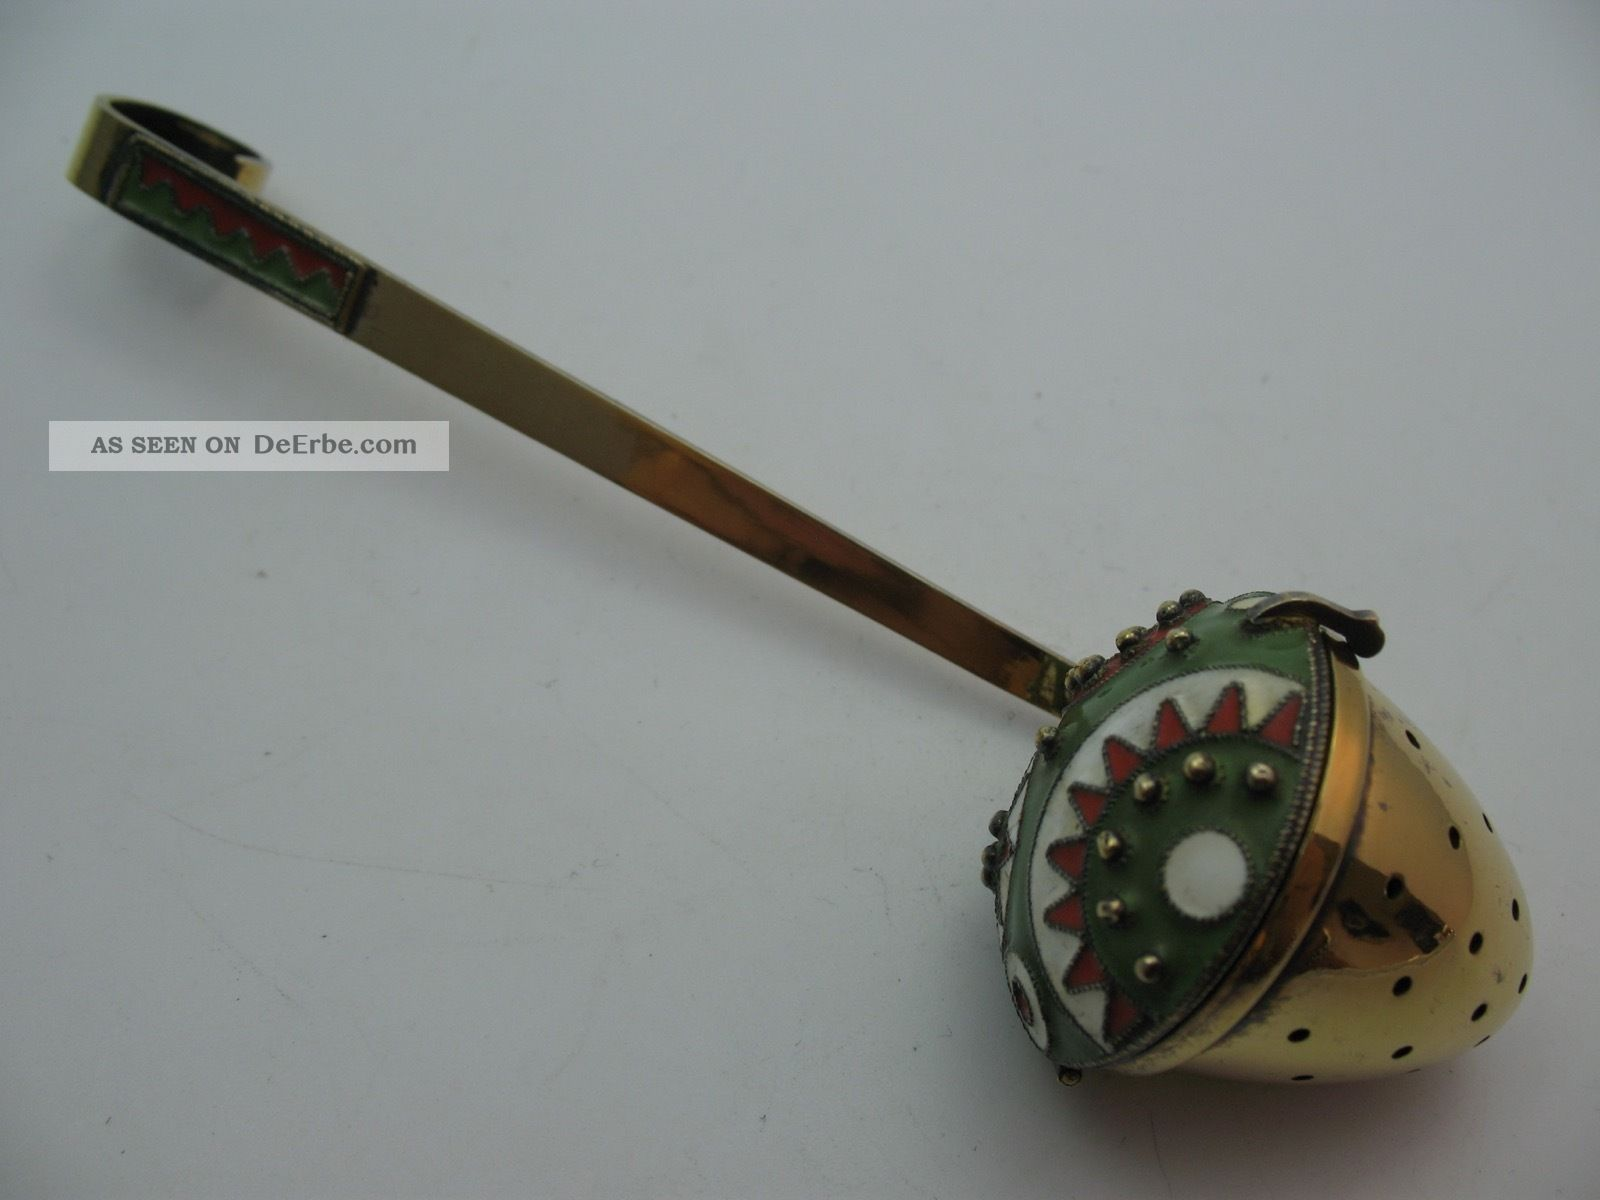 Russland Wunderschnes Seltenes Altes Teesieb Aus 916 Silber Mit Emaille Objekte nach 1945 Bild